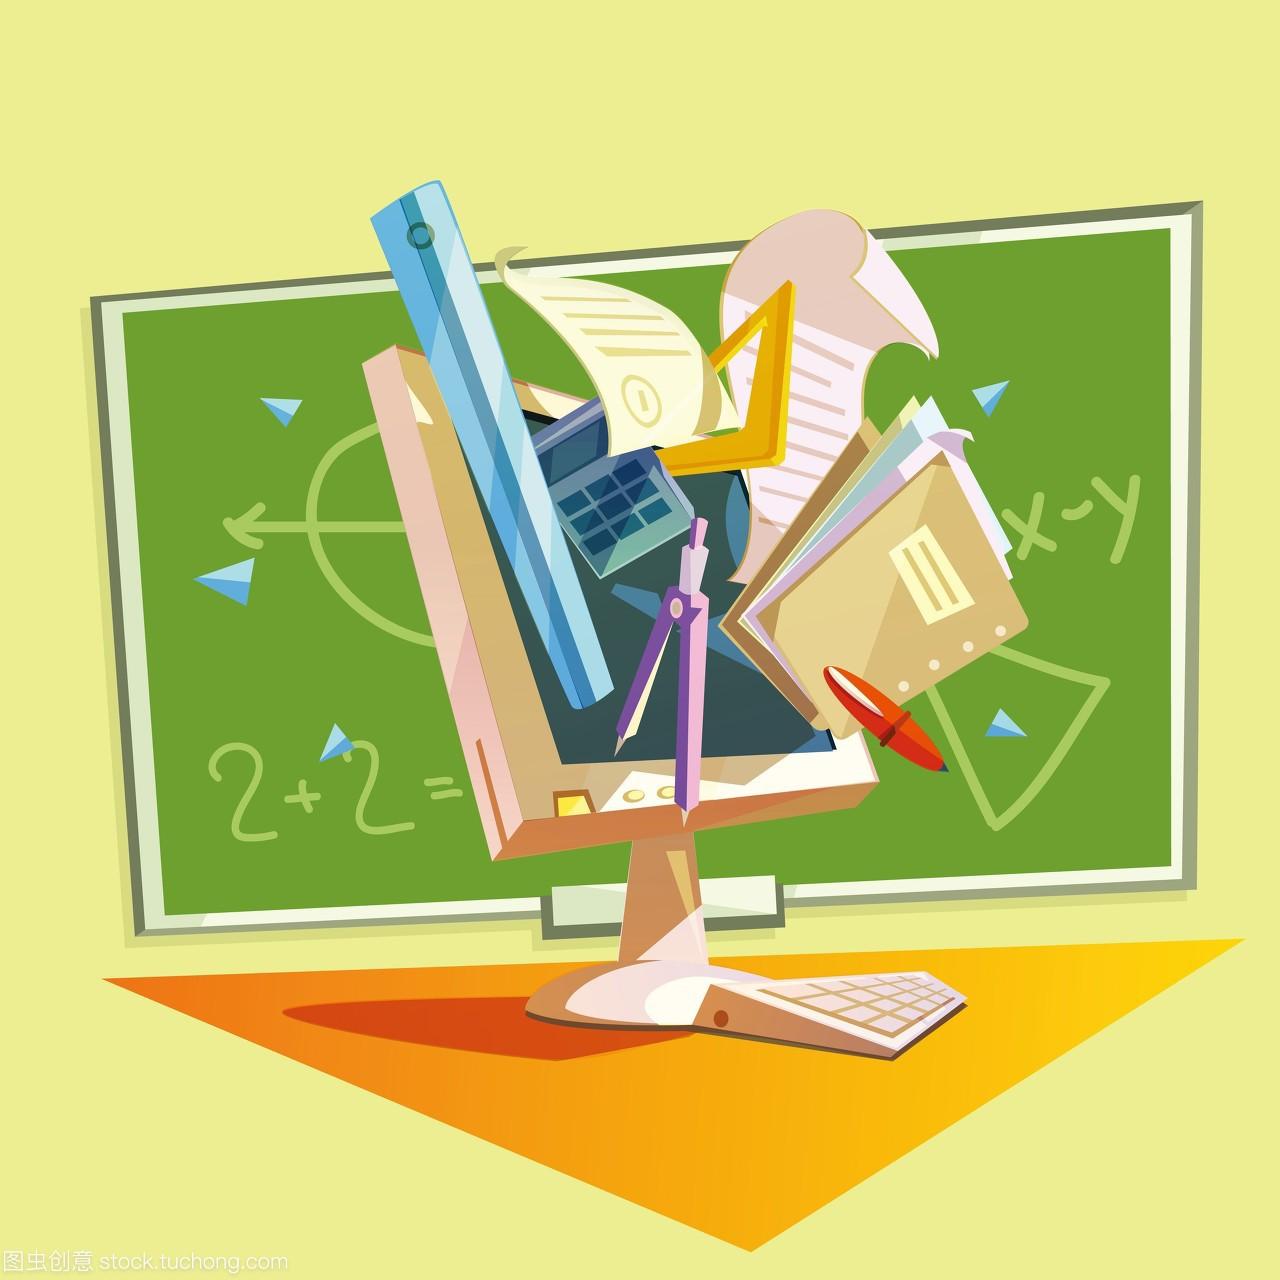 教育复古理念。教育漫画与漫画学习用品的复古乃学校梨子图片